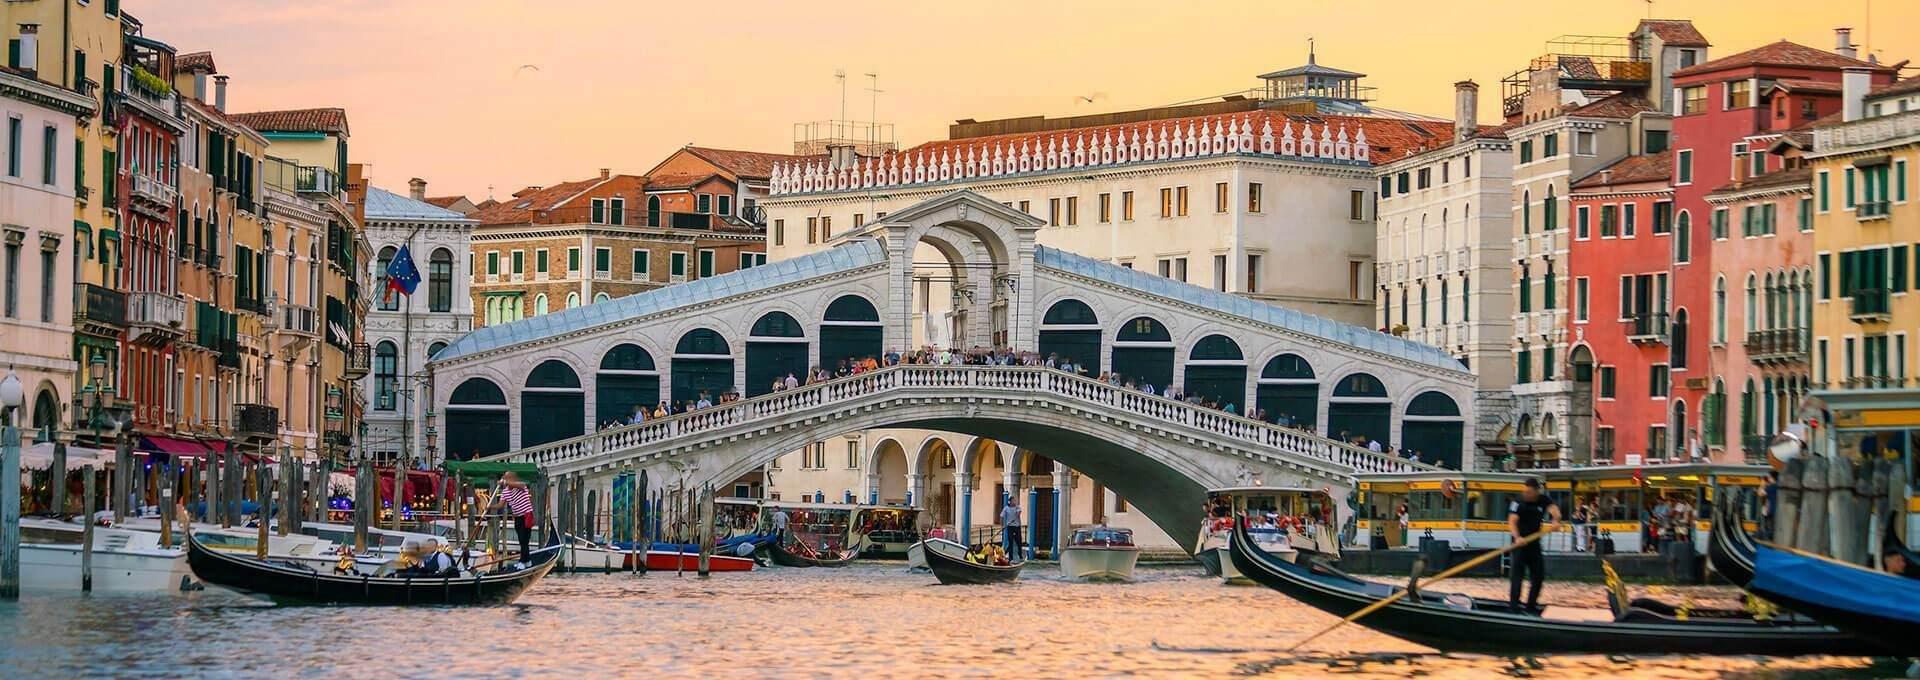 Venice entre les mains de lise - 1 part 2